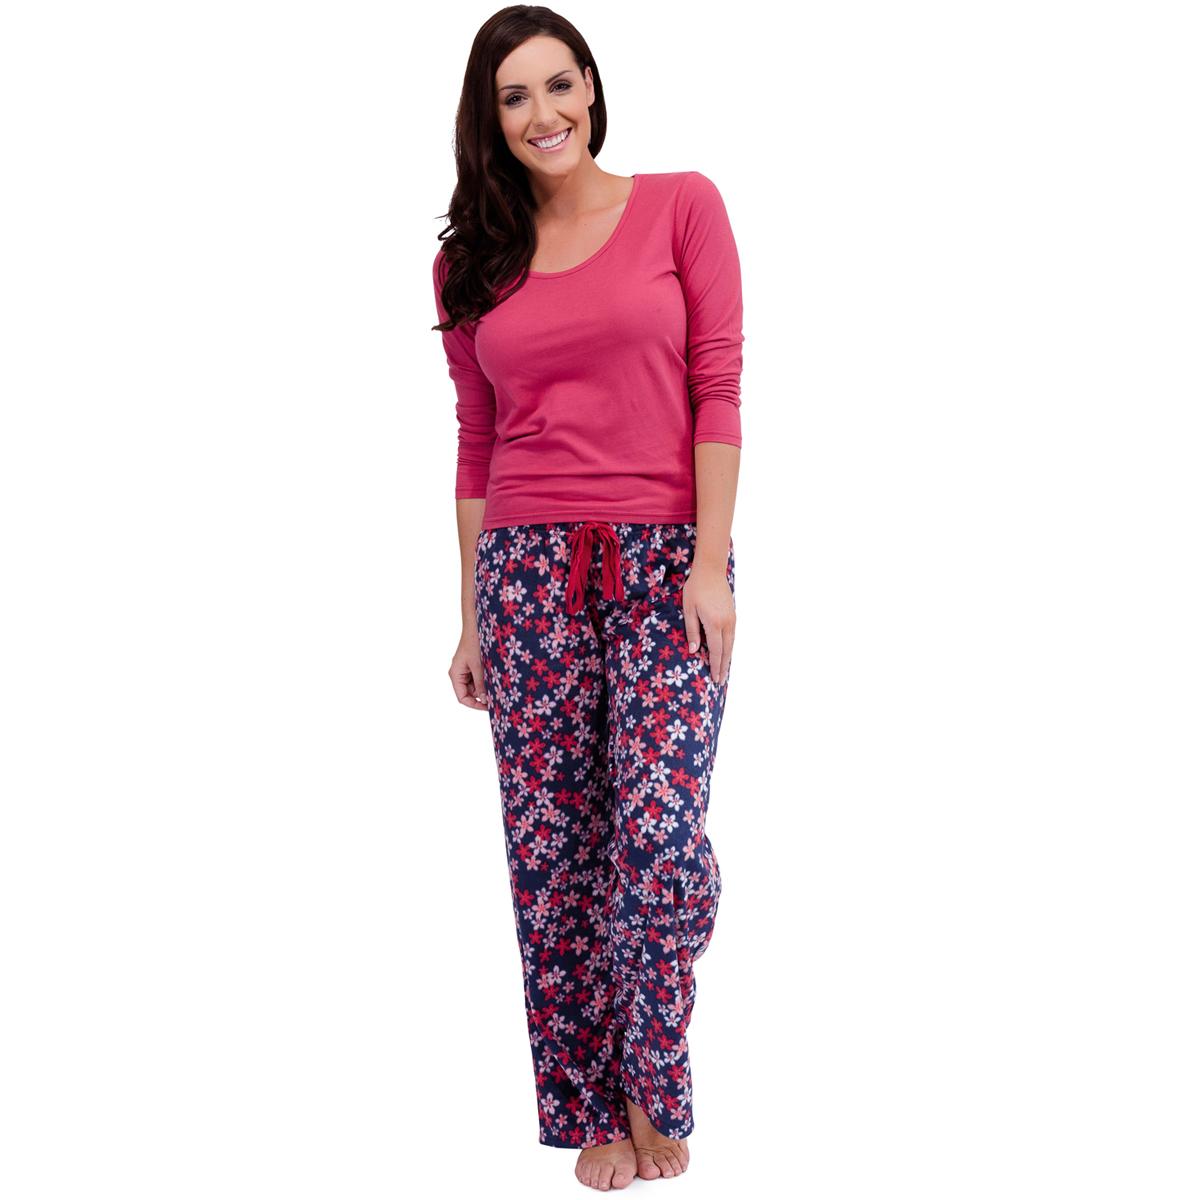 Womens Fleece Pjs | Womens Pjs | Adult Onesie Target